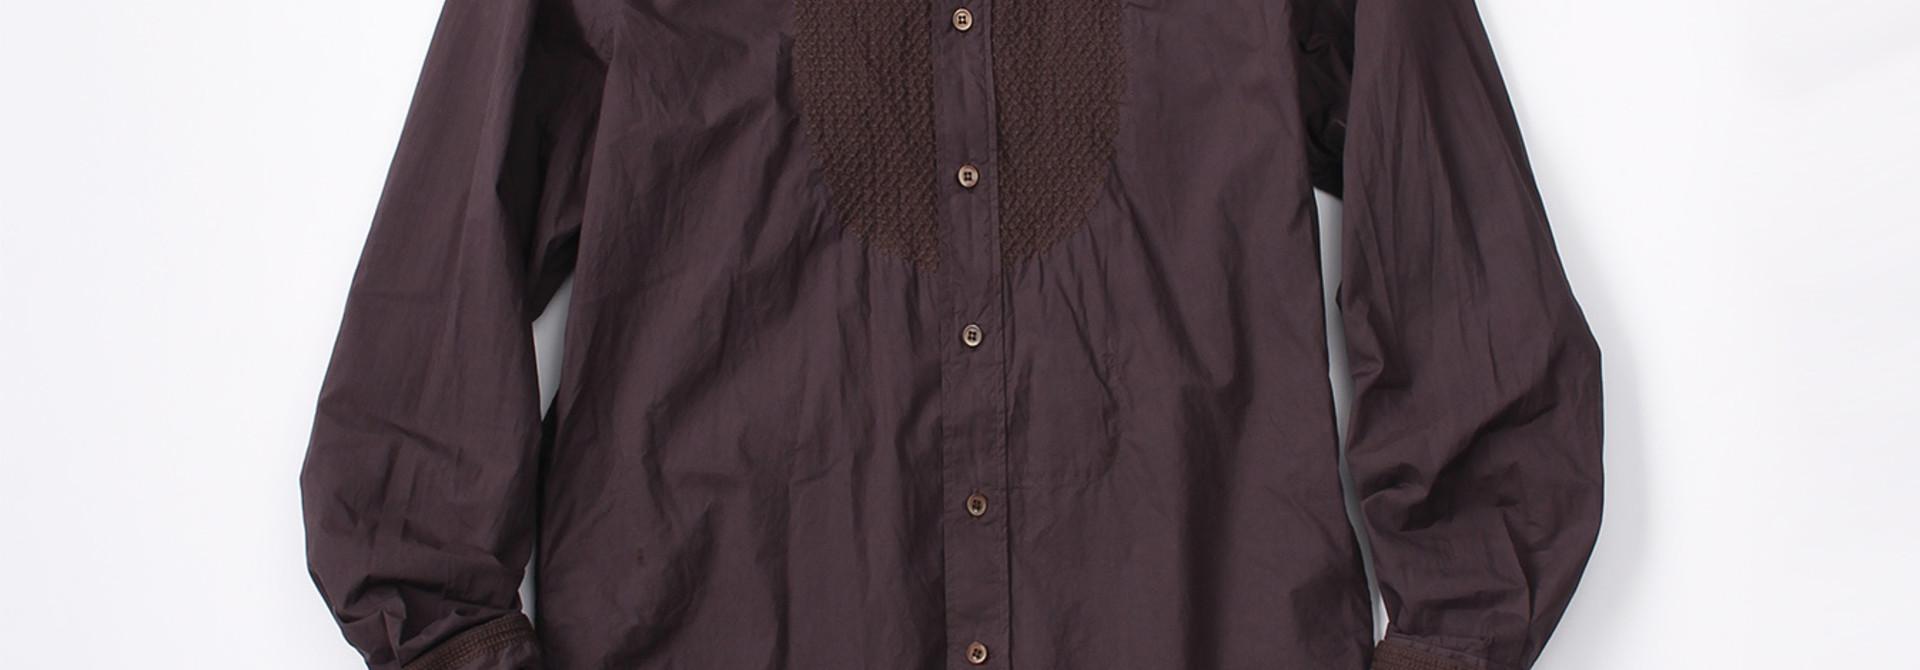 WH Sheet Cloth Sashiko Shirt